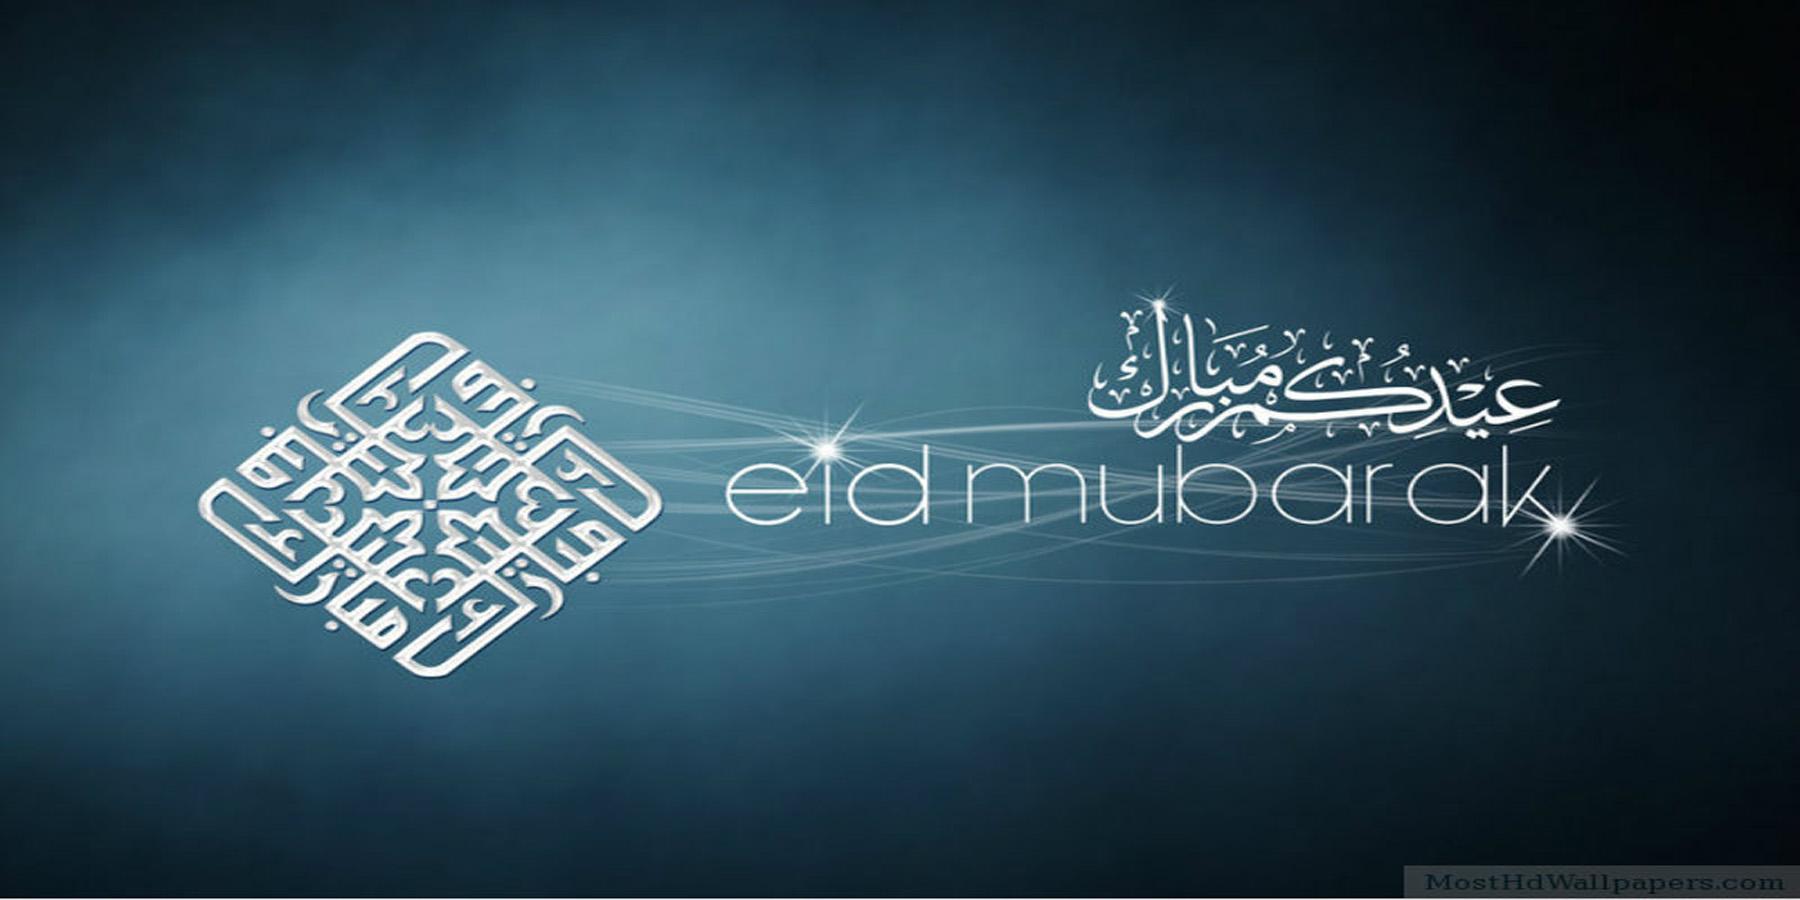 Download Bakra Eid Al Adha Zuha Bakrid Mubarak HD Pictures